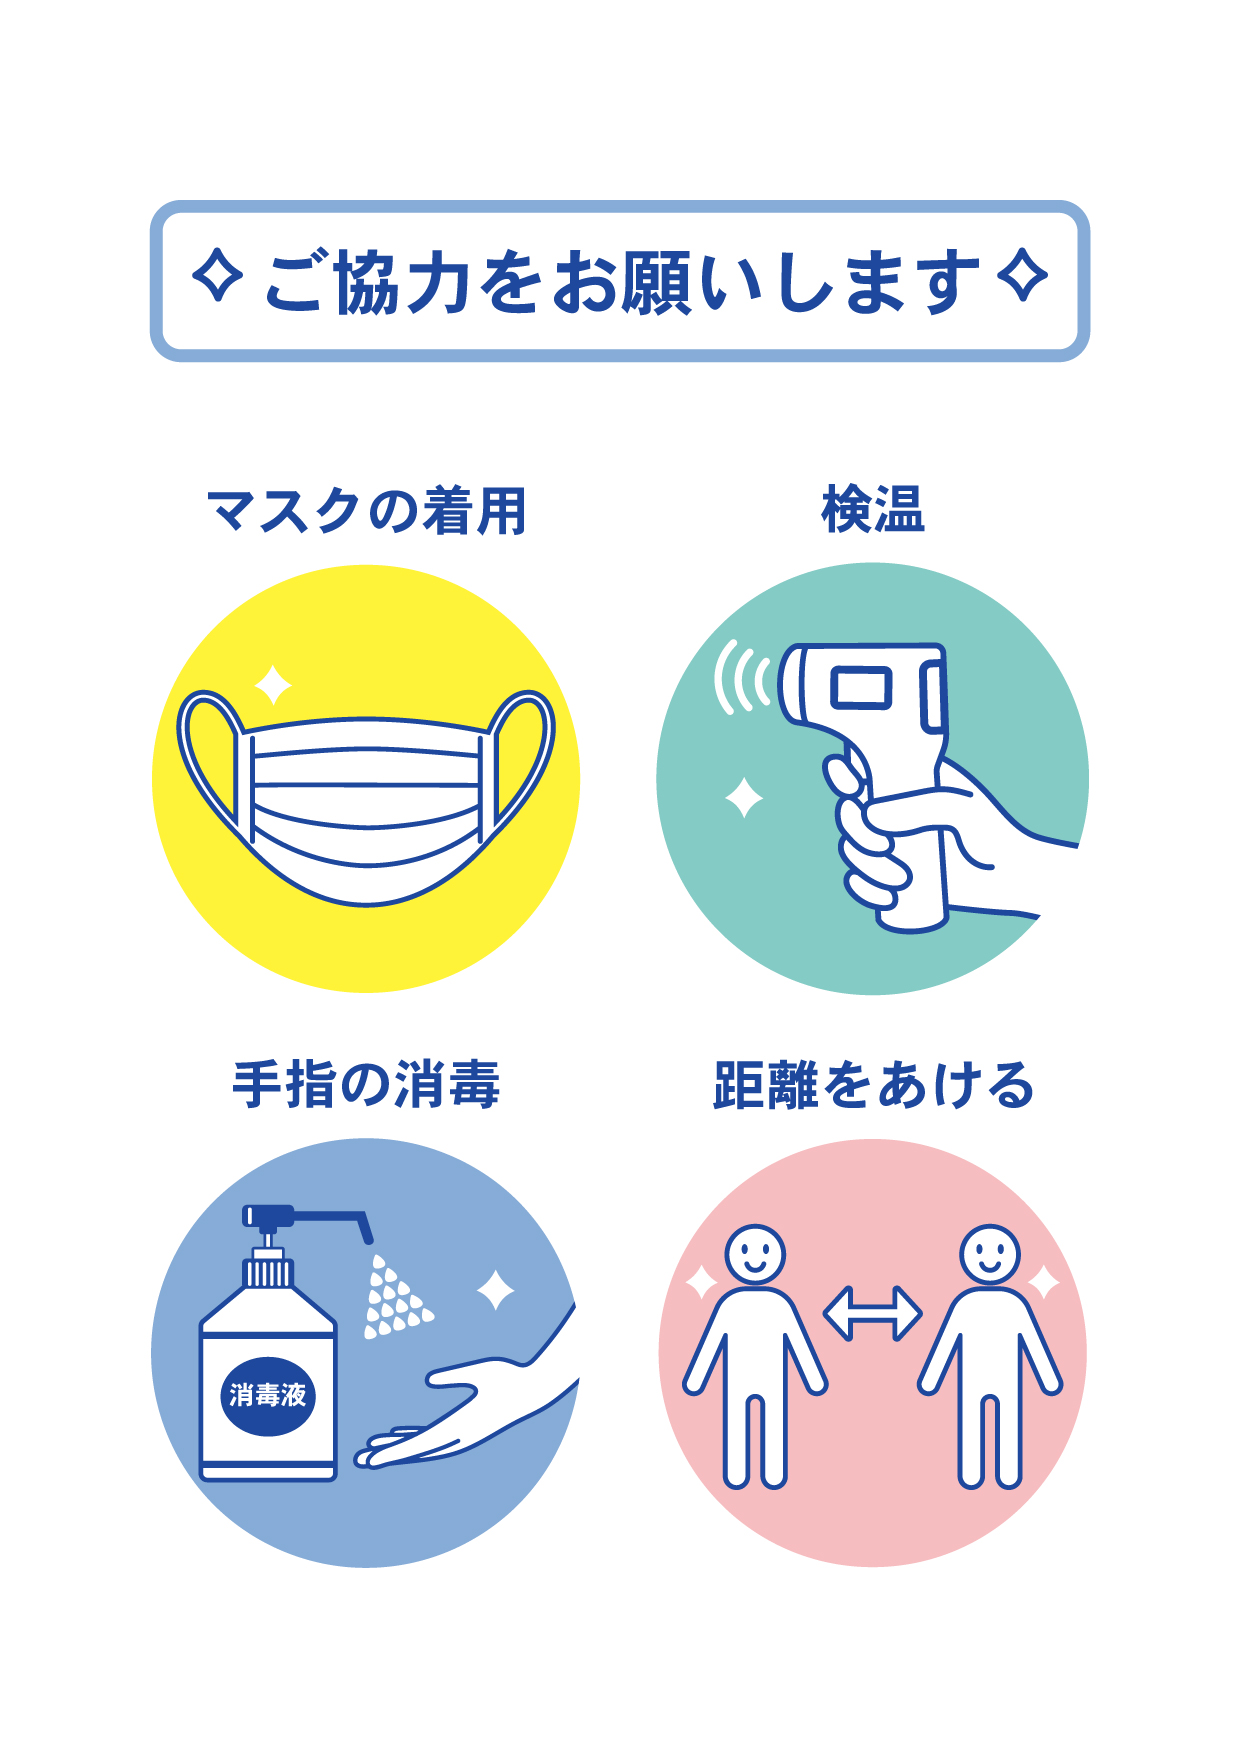 感染症等対策のお願い2021/9/03